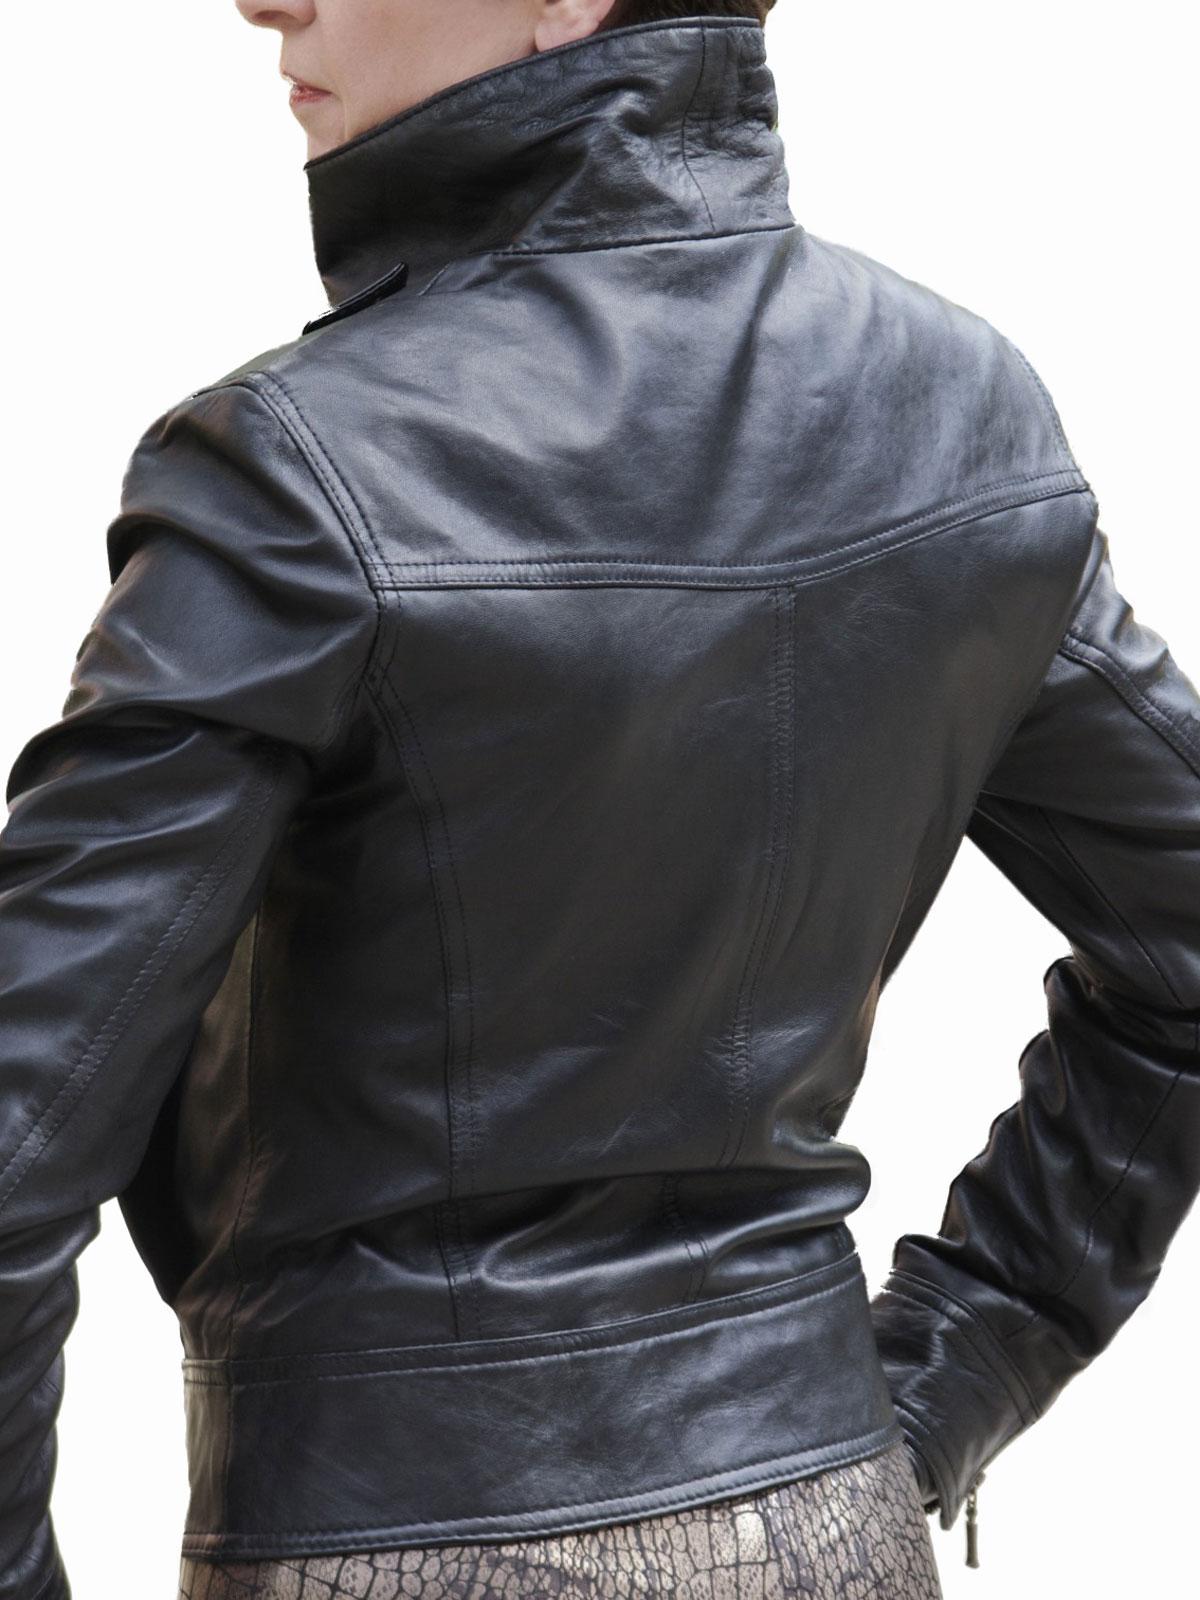 Womens Black Leather Jacket Double Front Zip Tout Ensemble